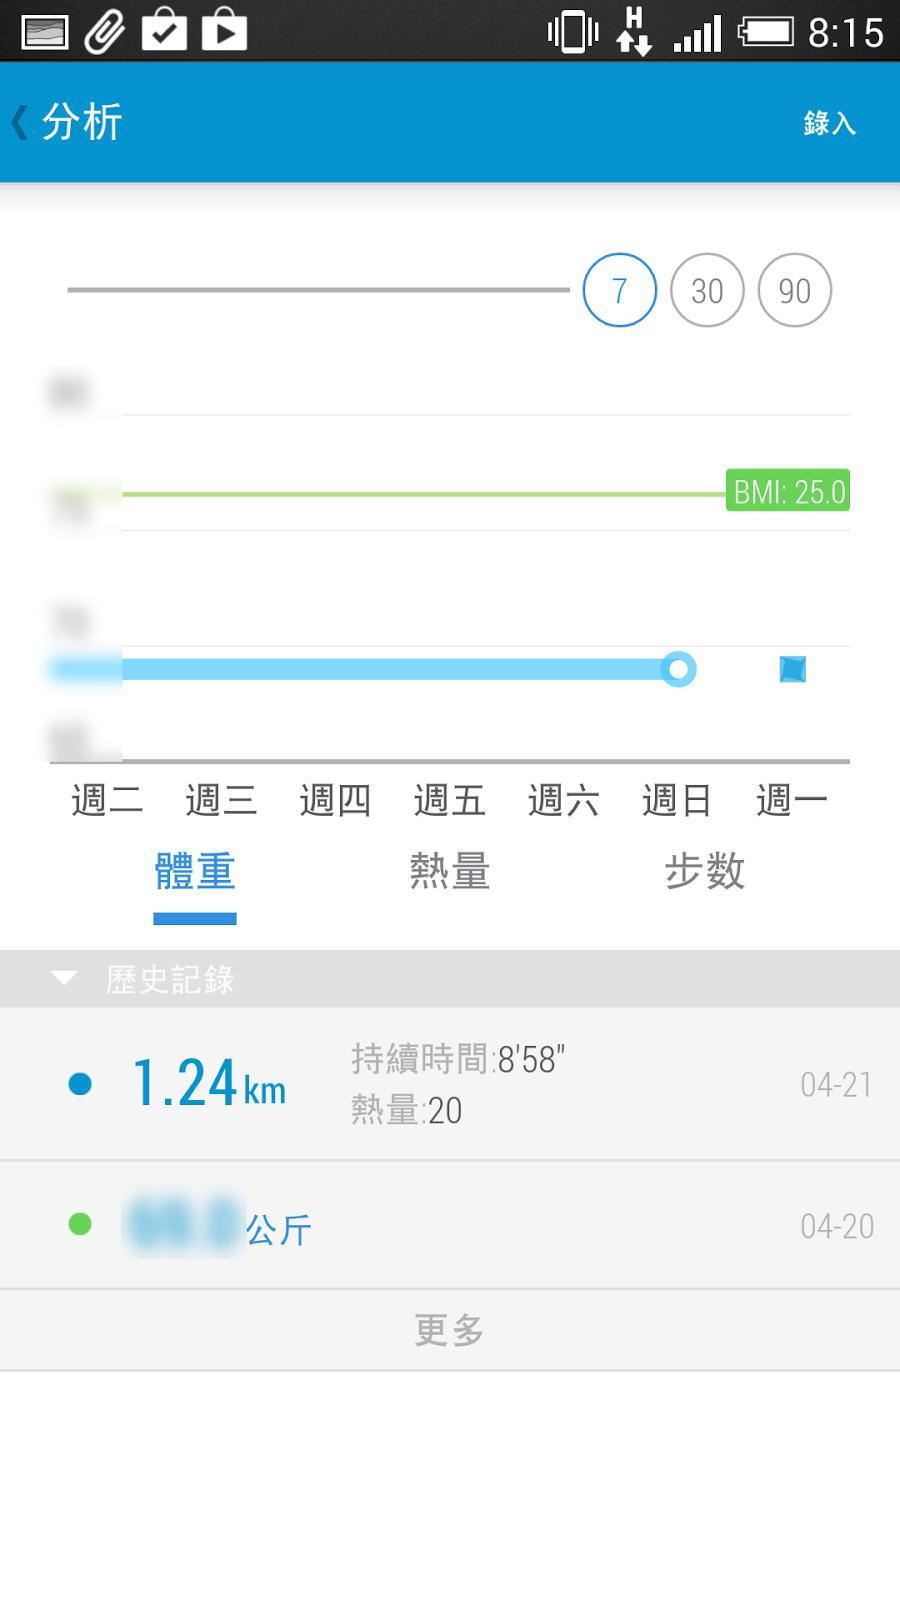 介面精美的計步器 App,熱量消耗自動計算與體重管理 %25E8%25A8%2588%25E6%25AD%25A5%25E5%2599%25A8-06